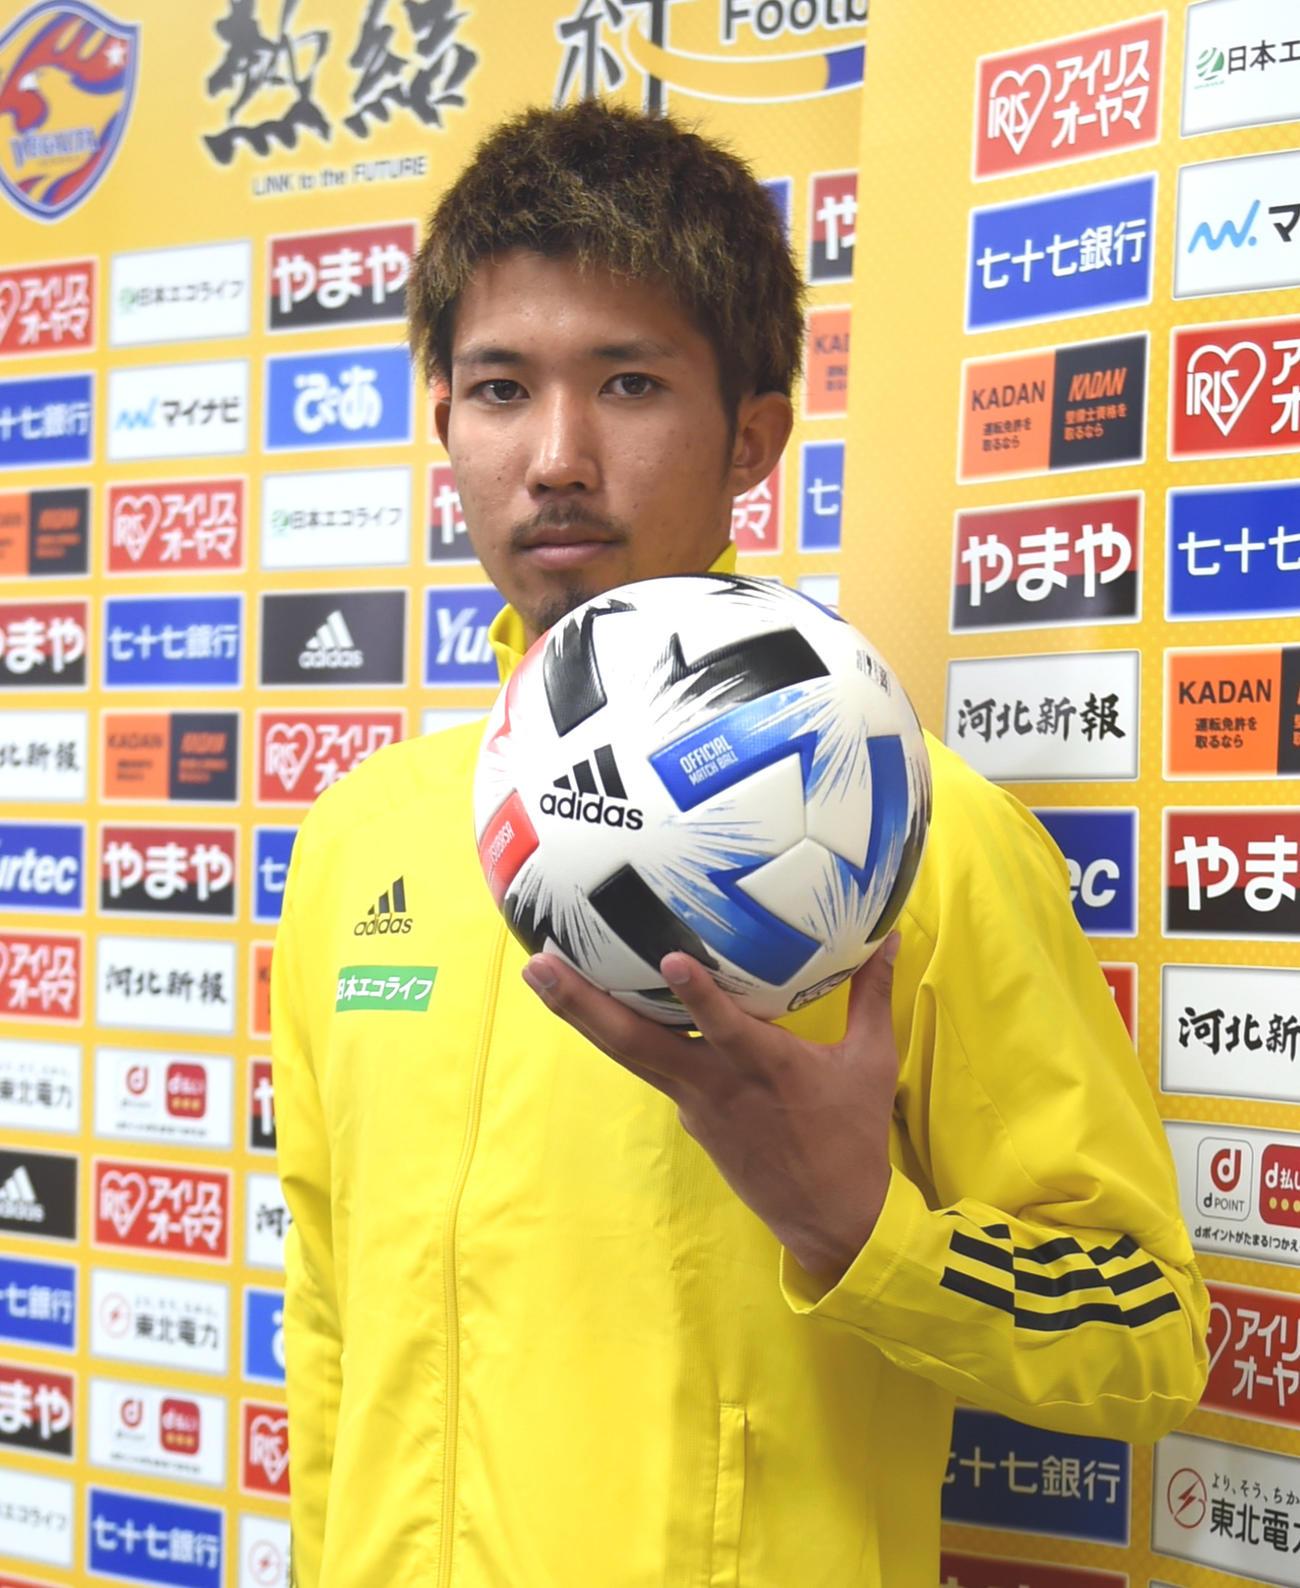 新加入会見後にボールを持ってポーズを取る仙台DF柳(撮影・山田愛斗)